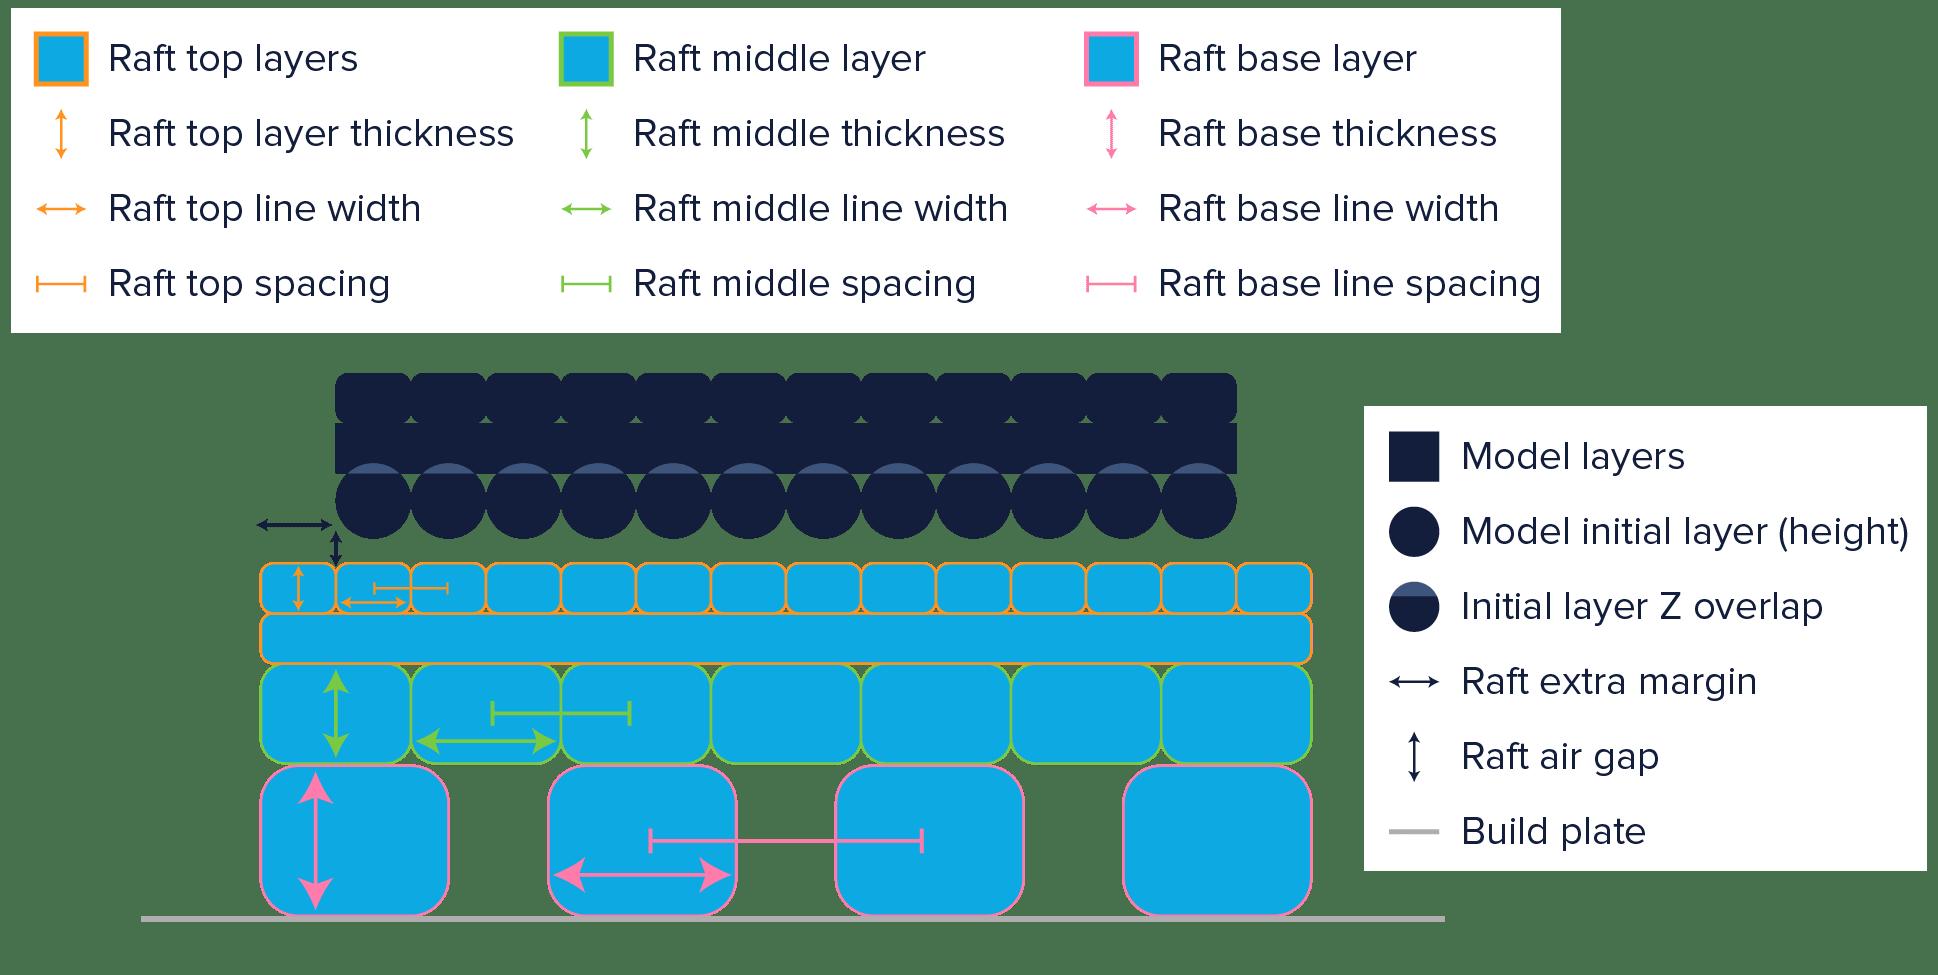 لایه raft چاپگر سه بعدی چیست و چه زمان استفاده شود؟